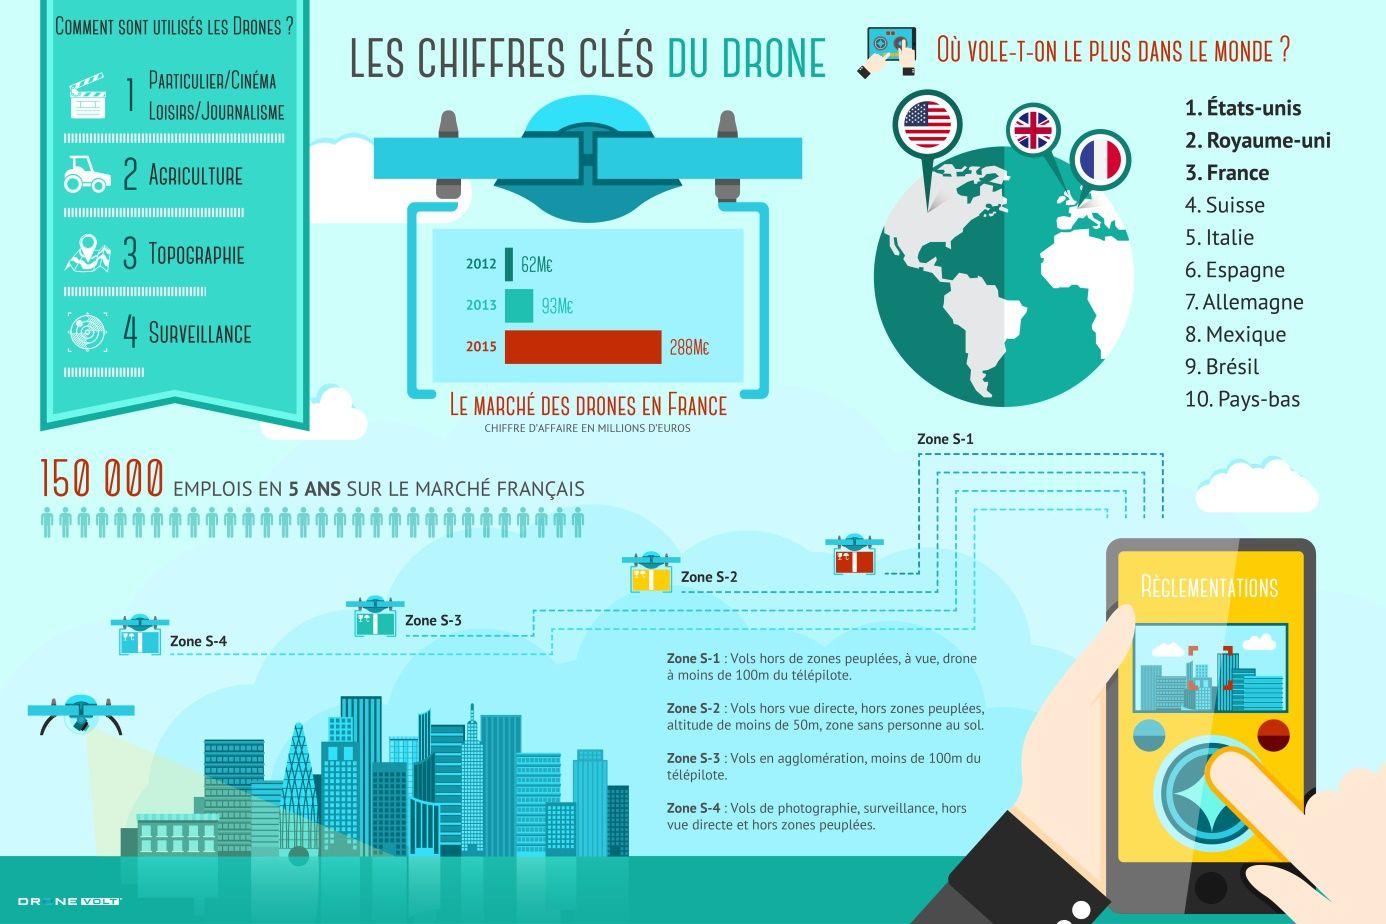 Les Chiffres Cles Du Drone En Une Infographie Digital Marketing Science Patrice